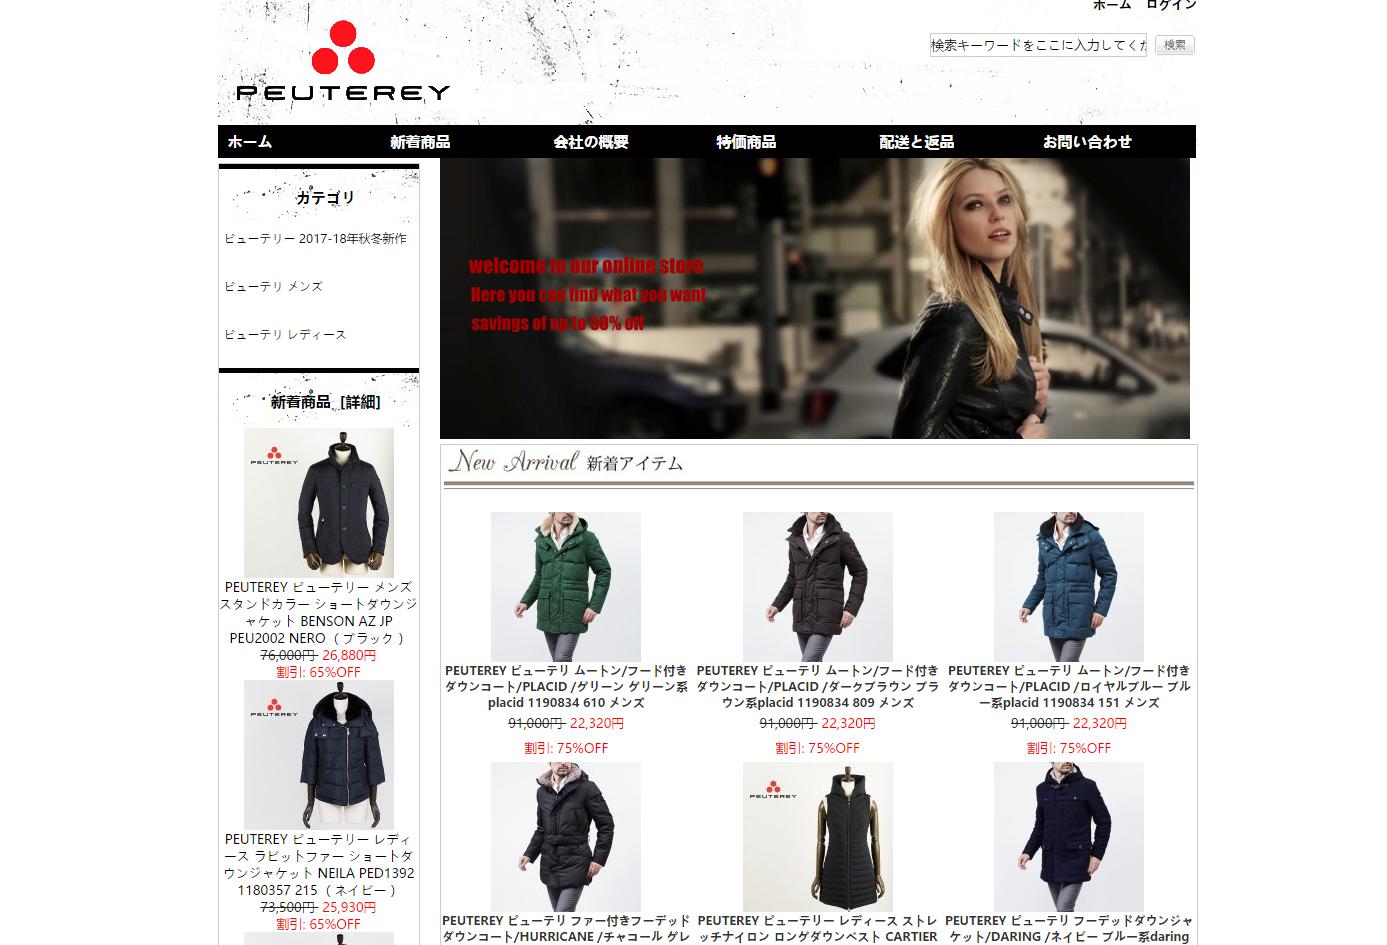 Peutereyの詐欺サイト